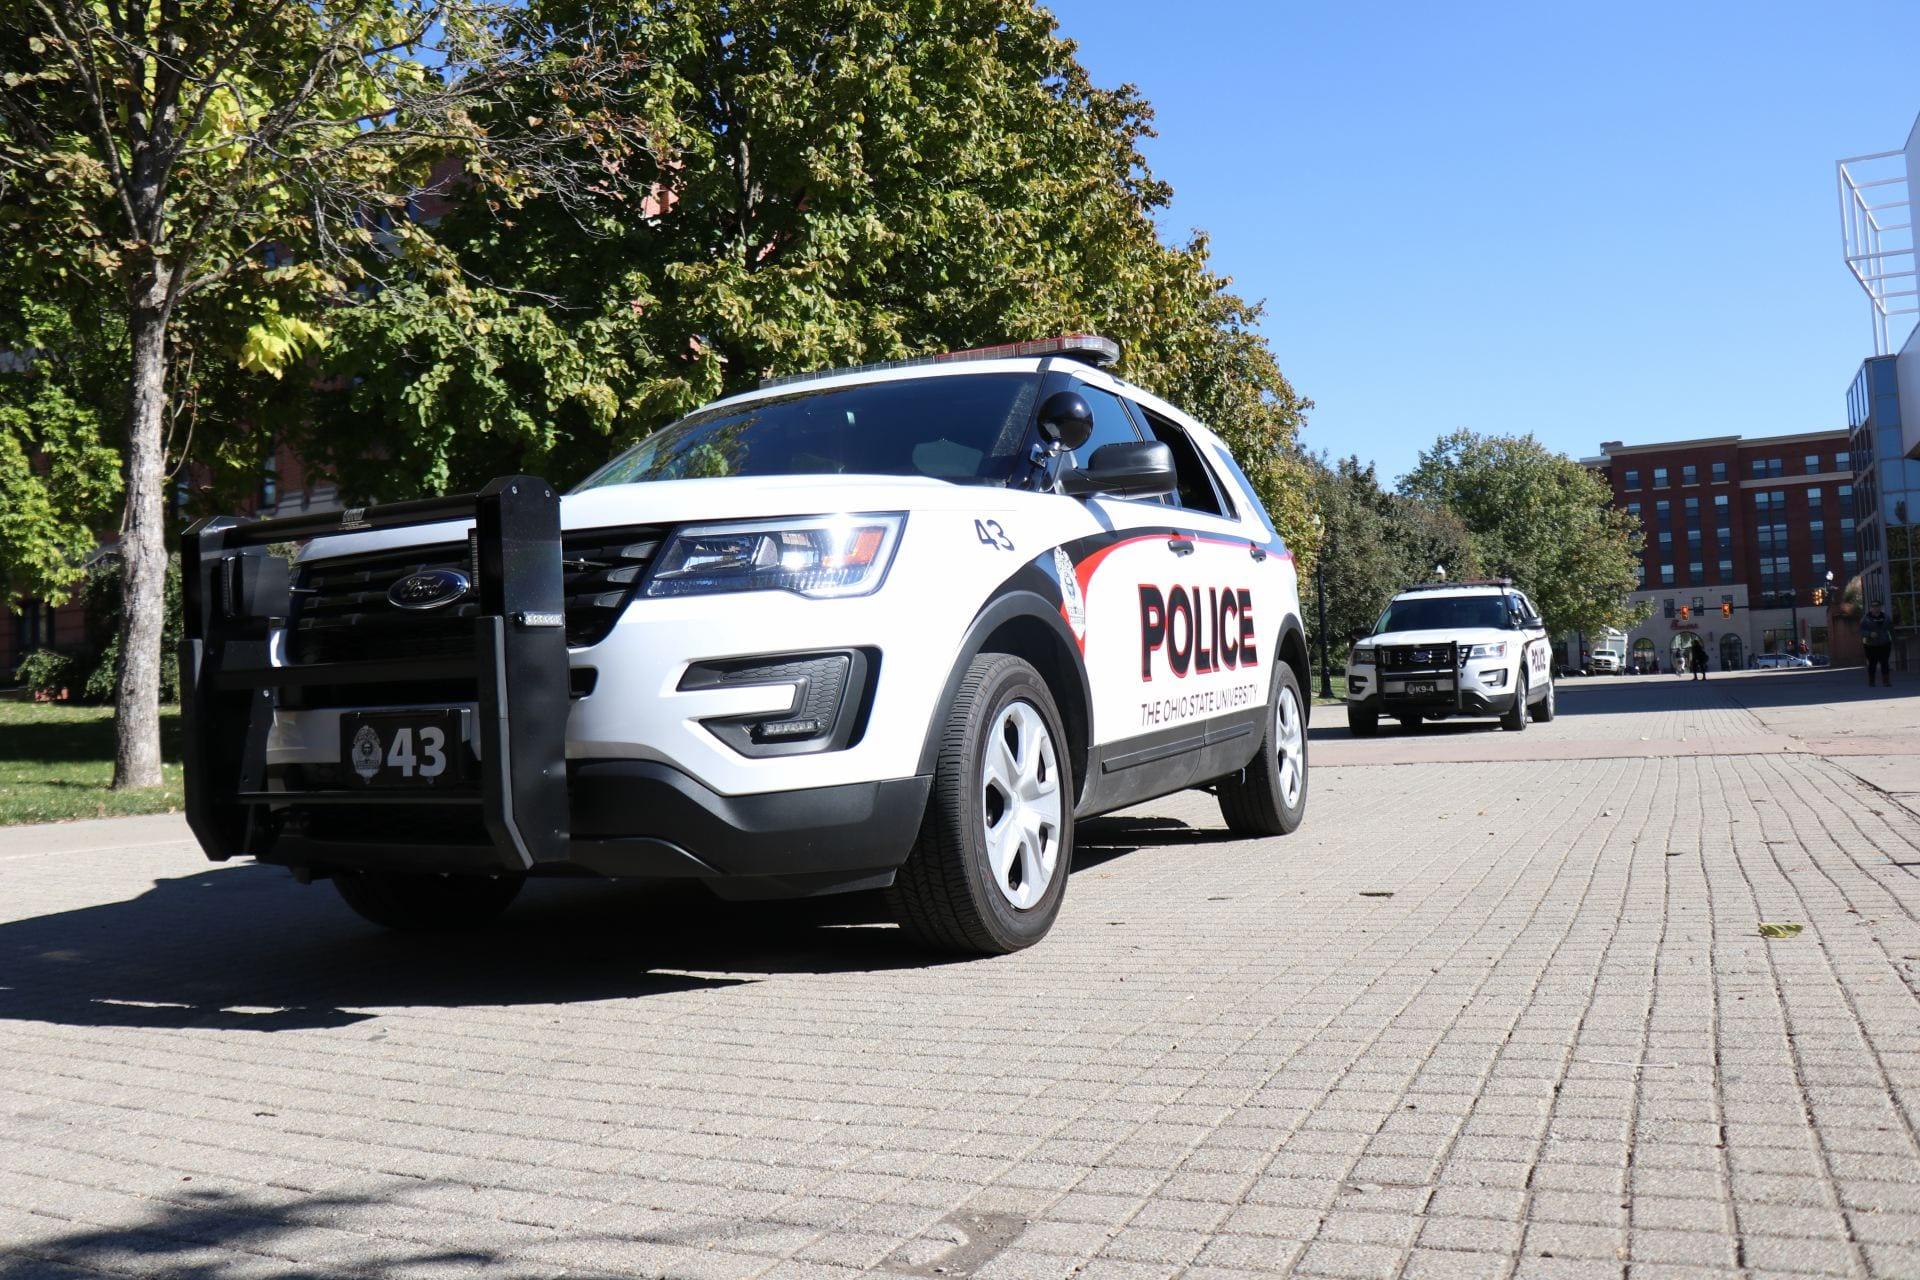 University Police vehicle